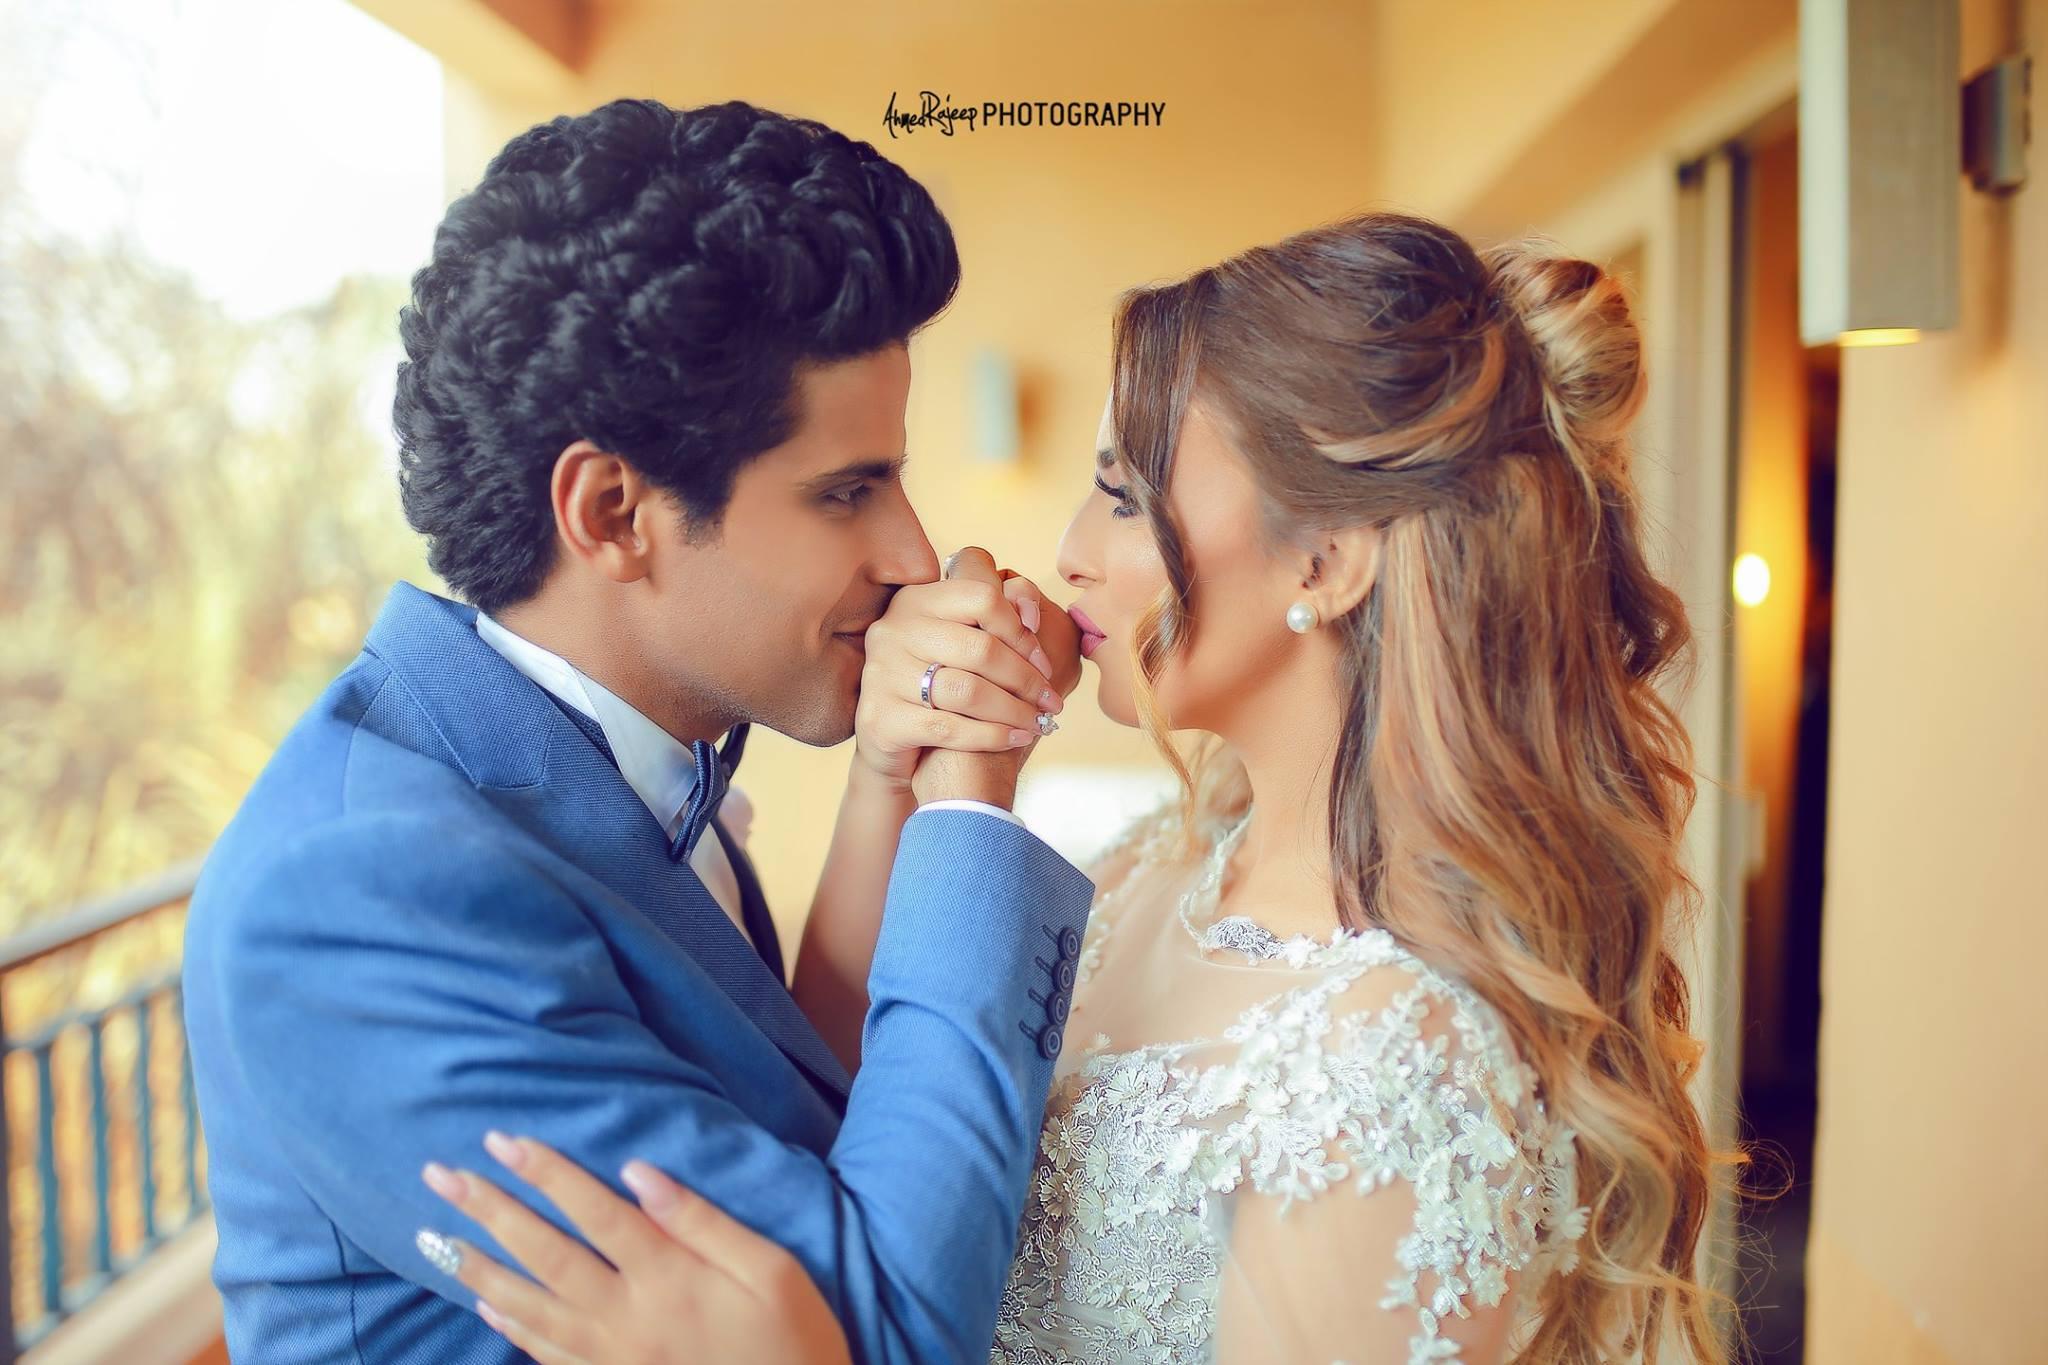 جلسة تصوير حفل زفاف حمدى الميرغنى واسراء عبد الفتاح (3)